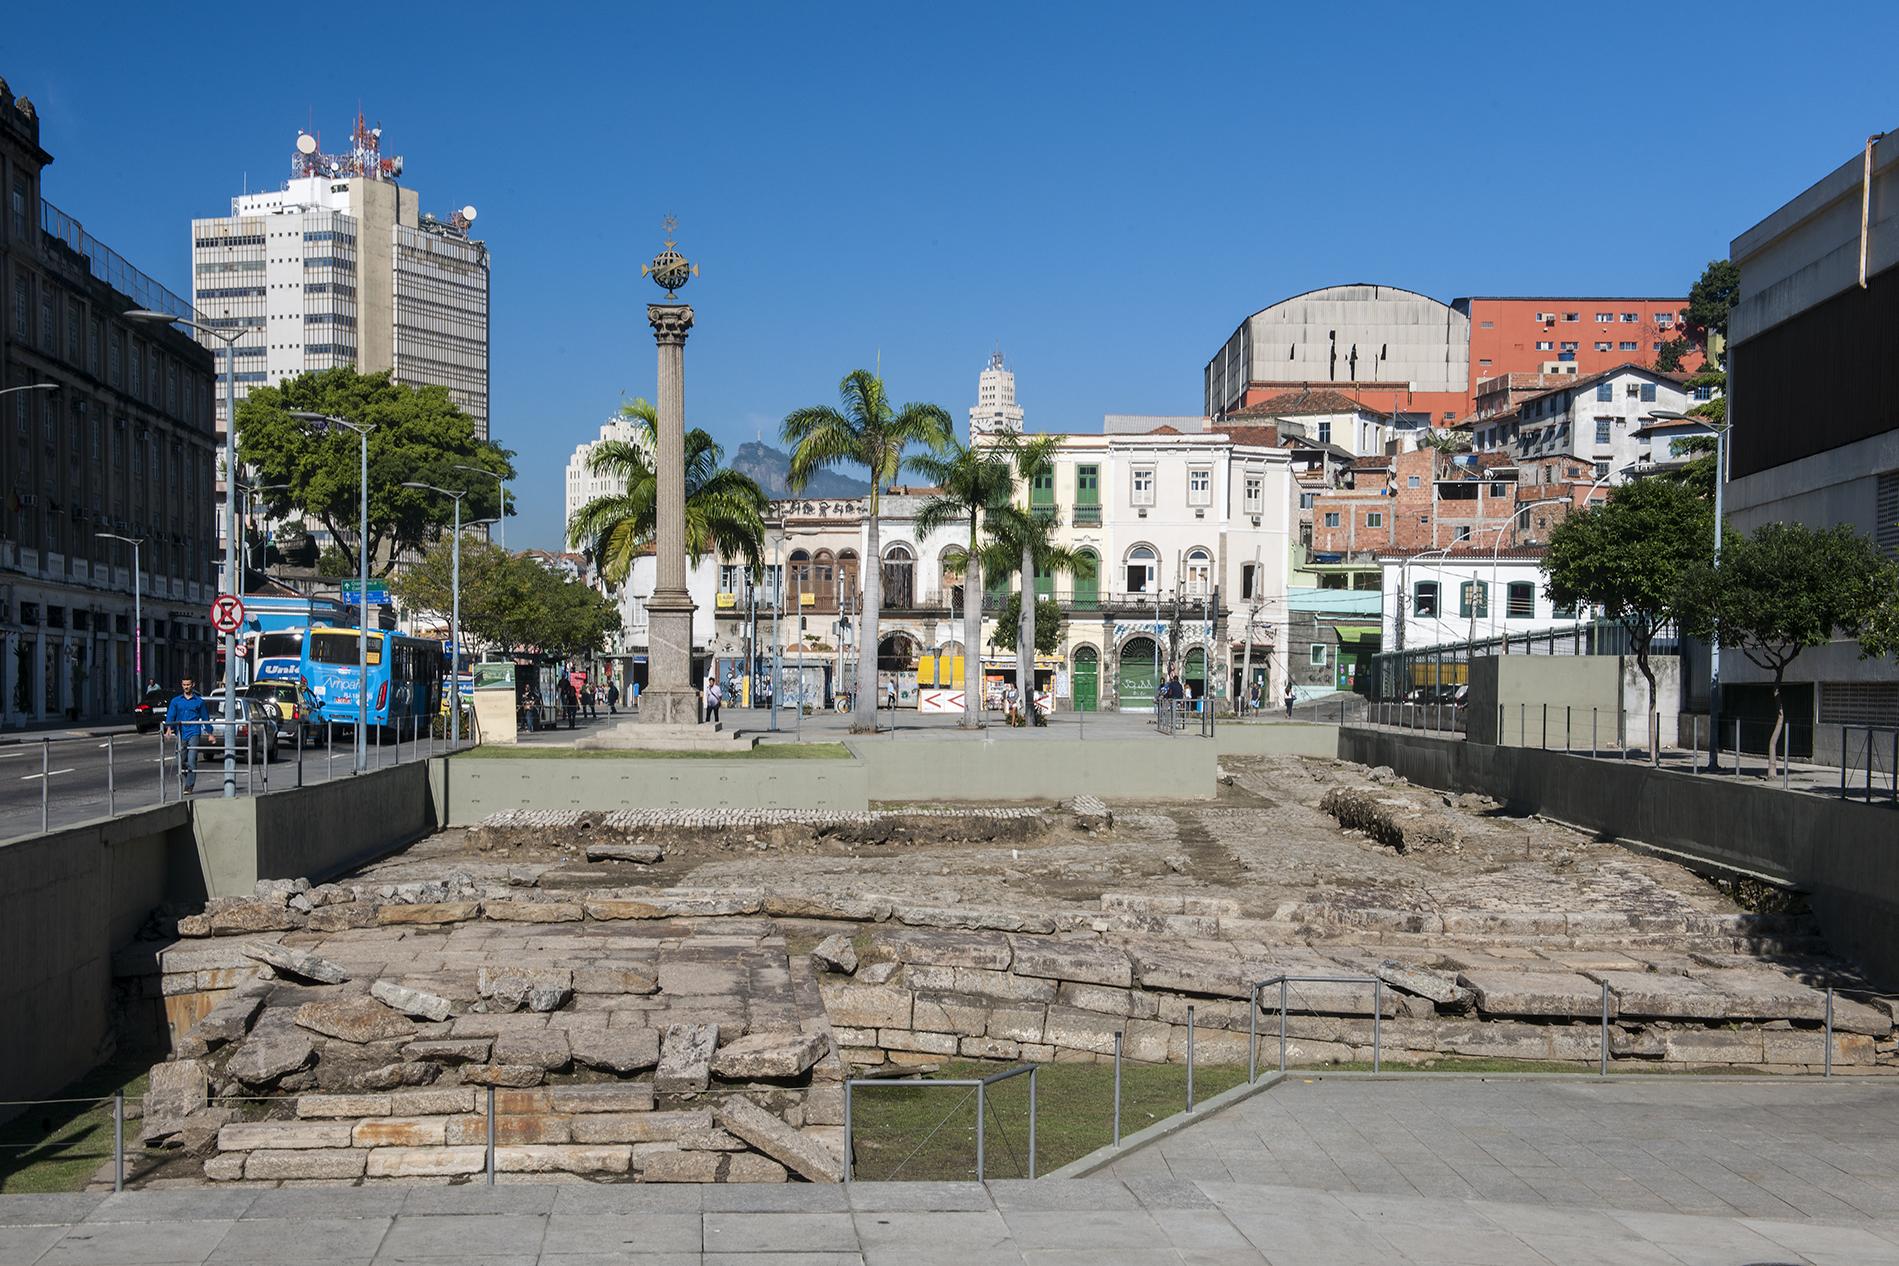 RJ_Rio_de_Janeiro_Valongo20